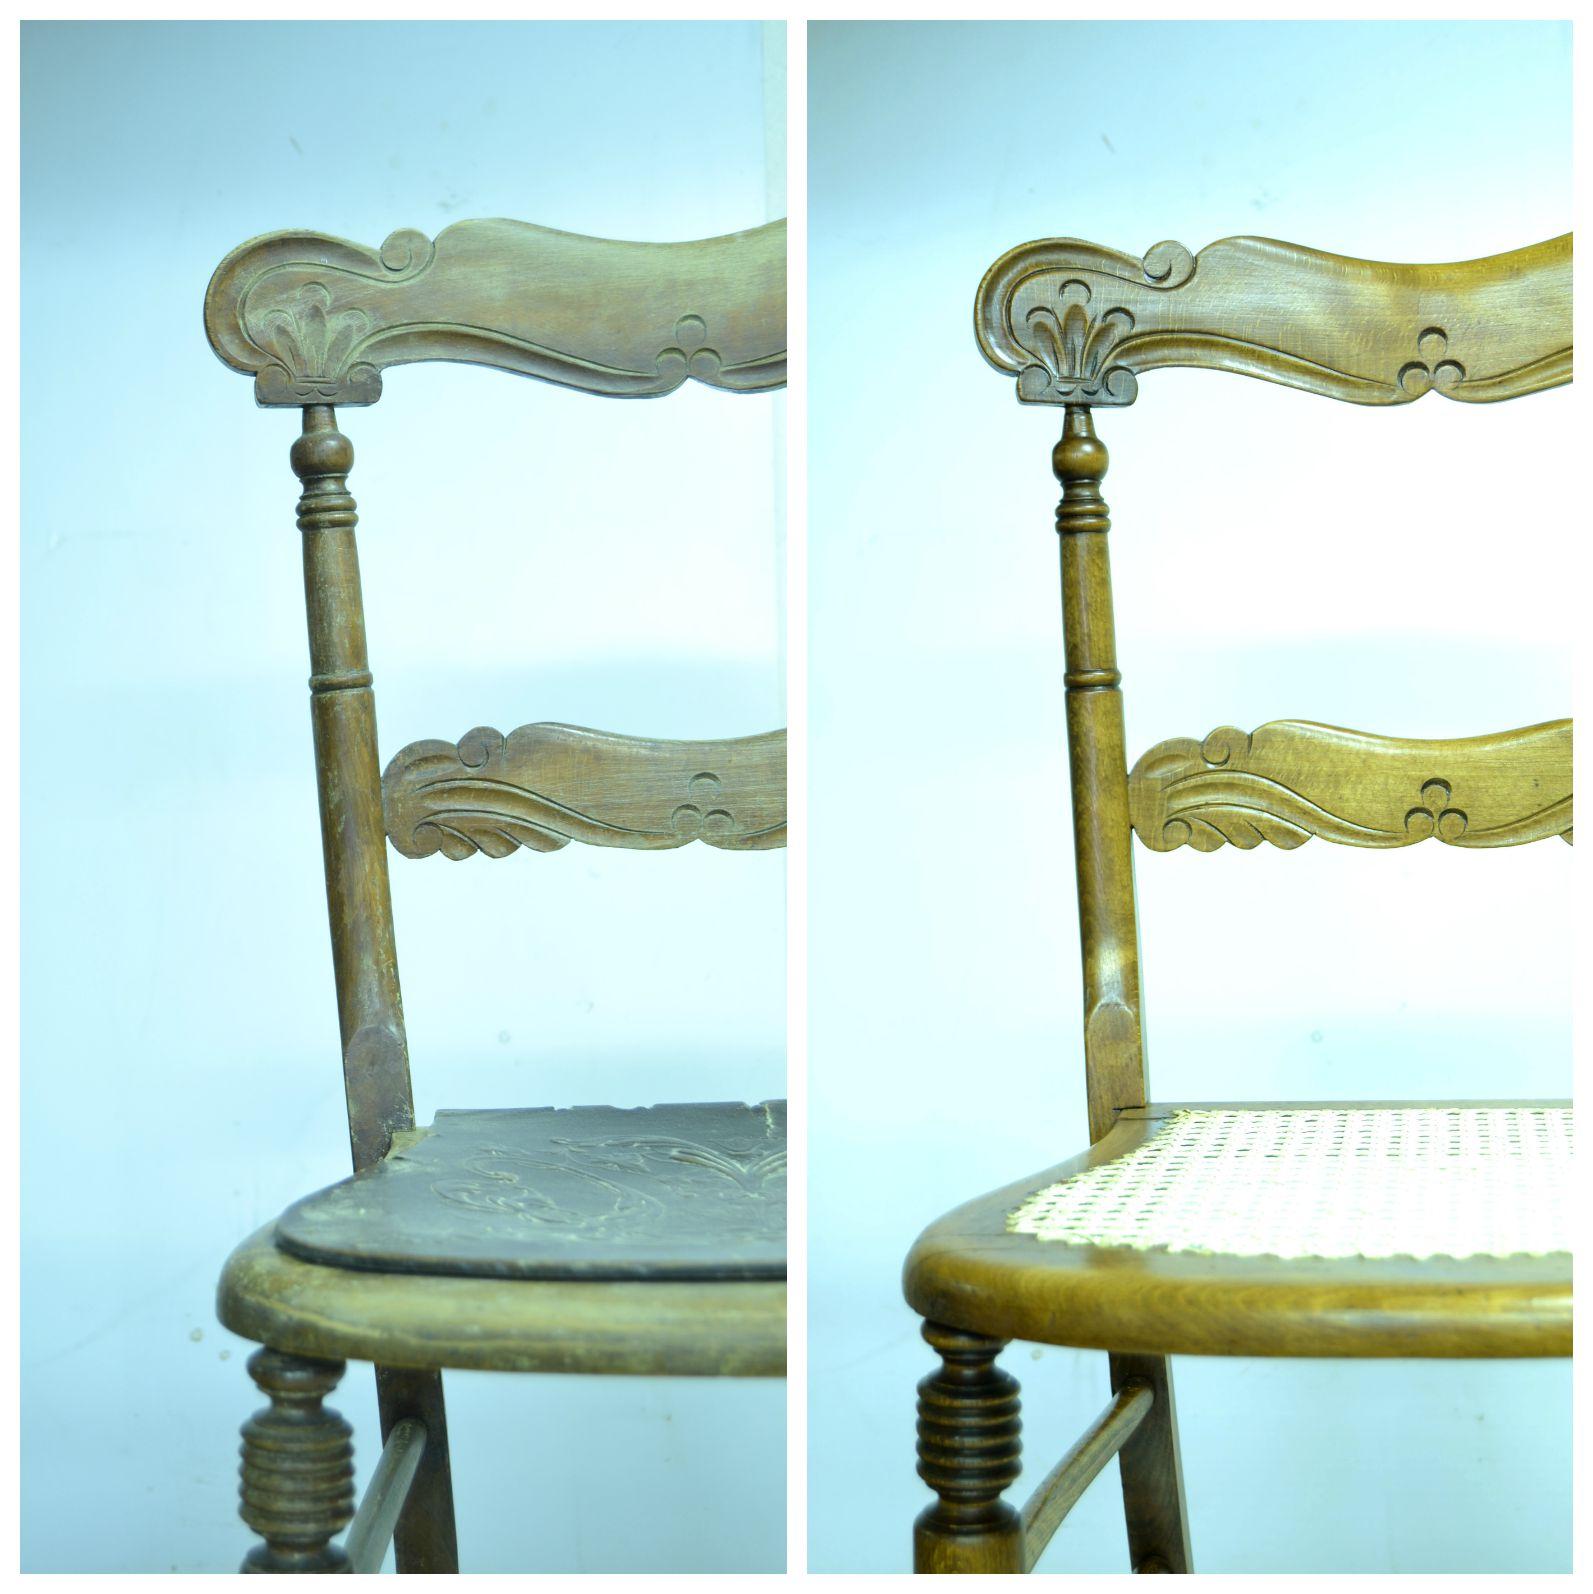 Restauraci n antig edades murcia restaurar una silla antigua - Restaurar sillas antiguas ...